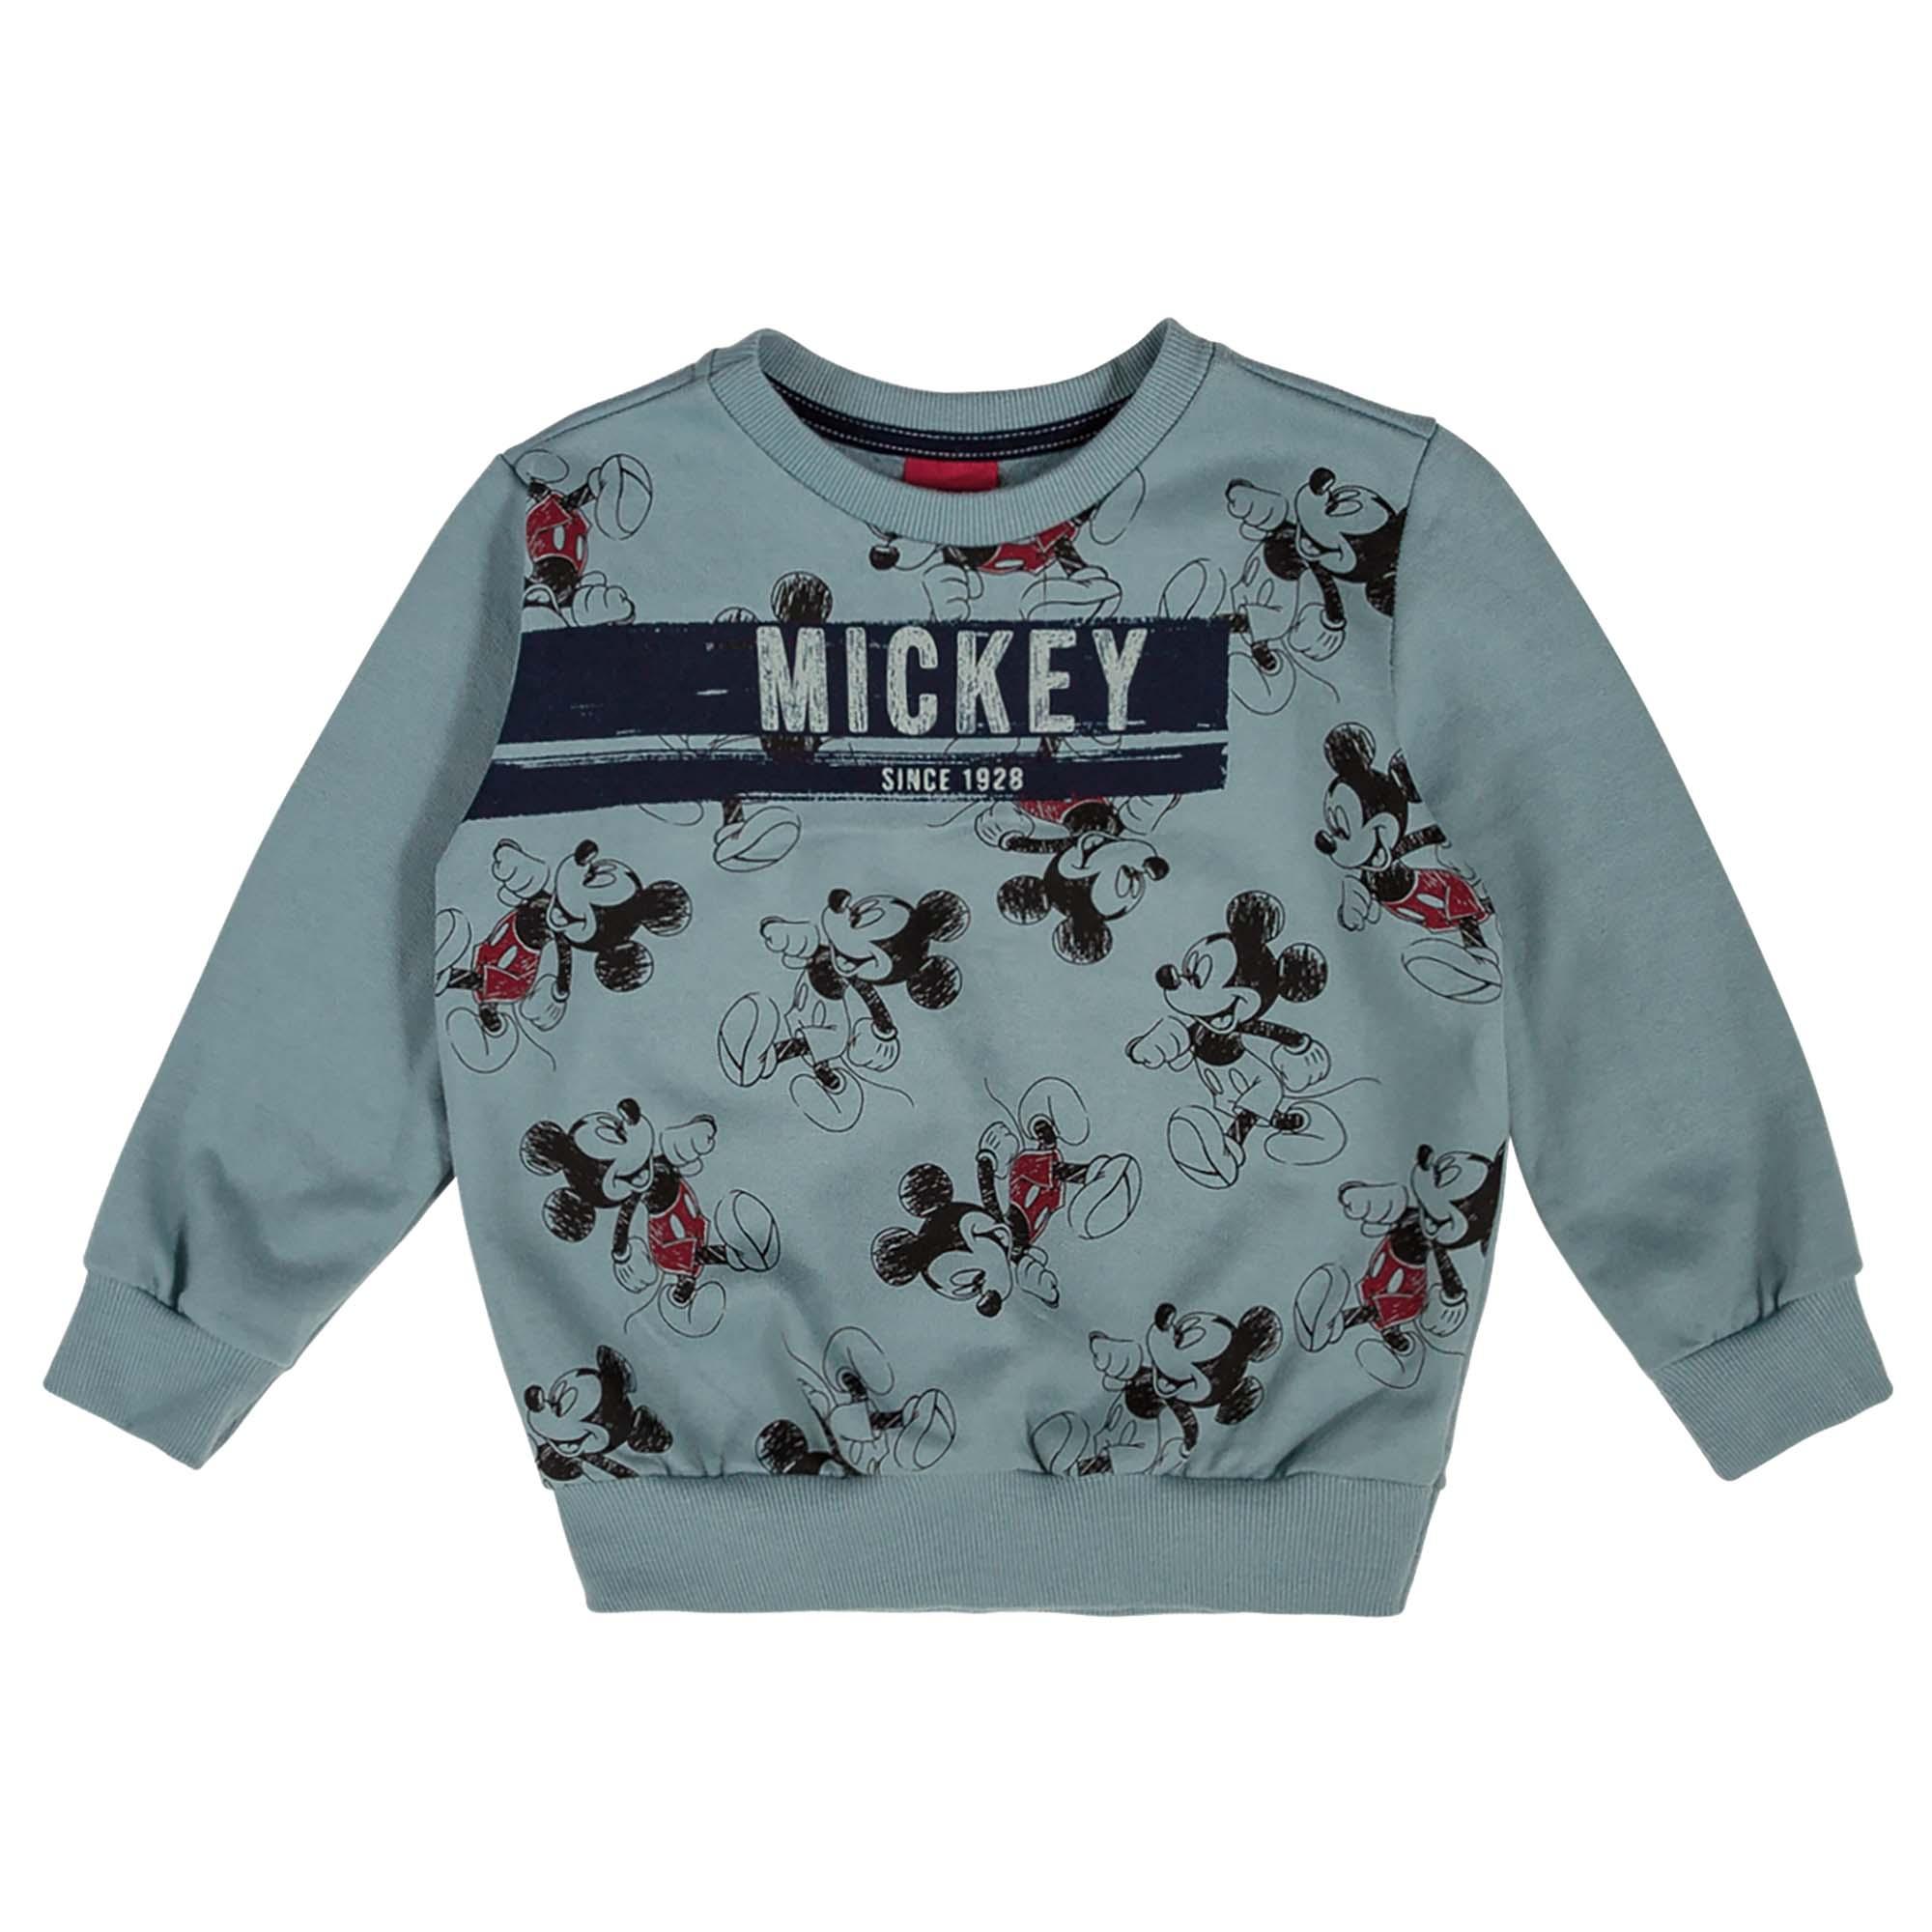 Conjunto Inverno Cativa Estampa Relevo Mickeys Since 1928 - 1 a 3